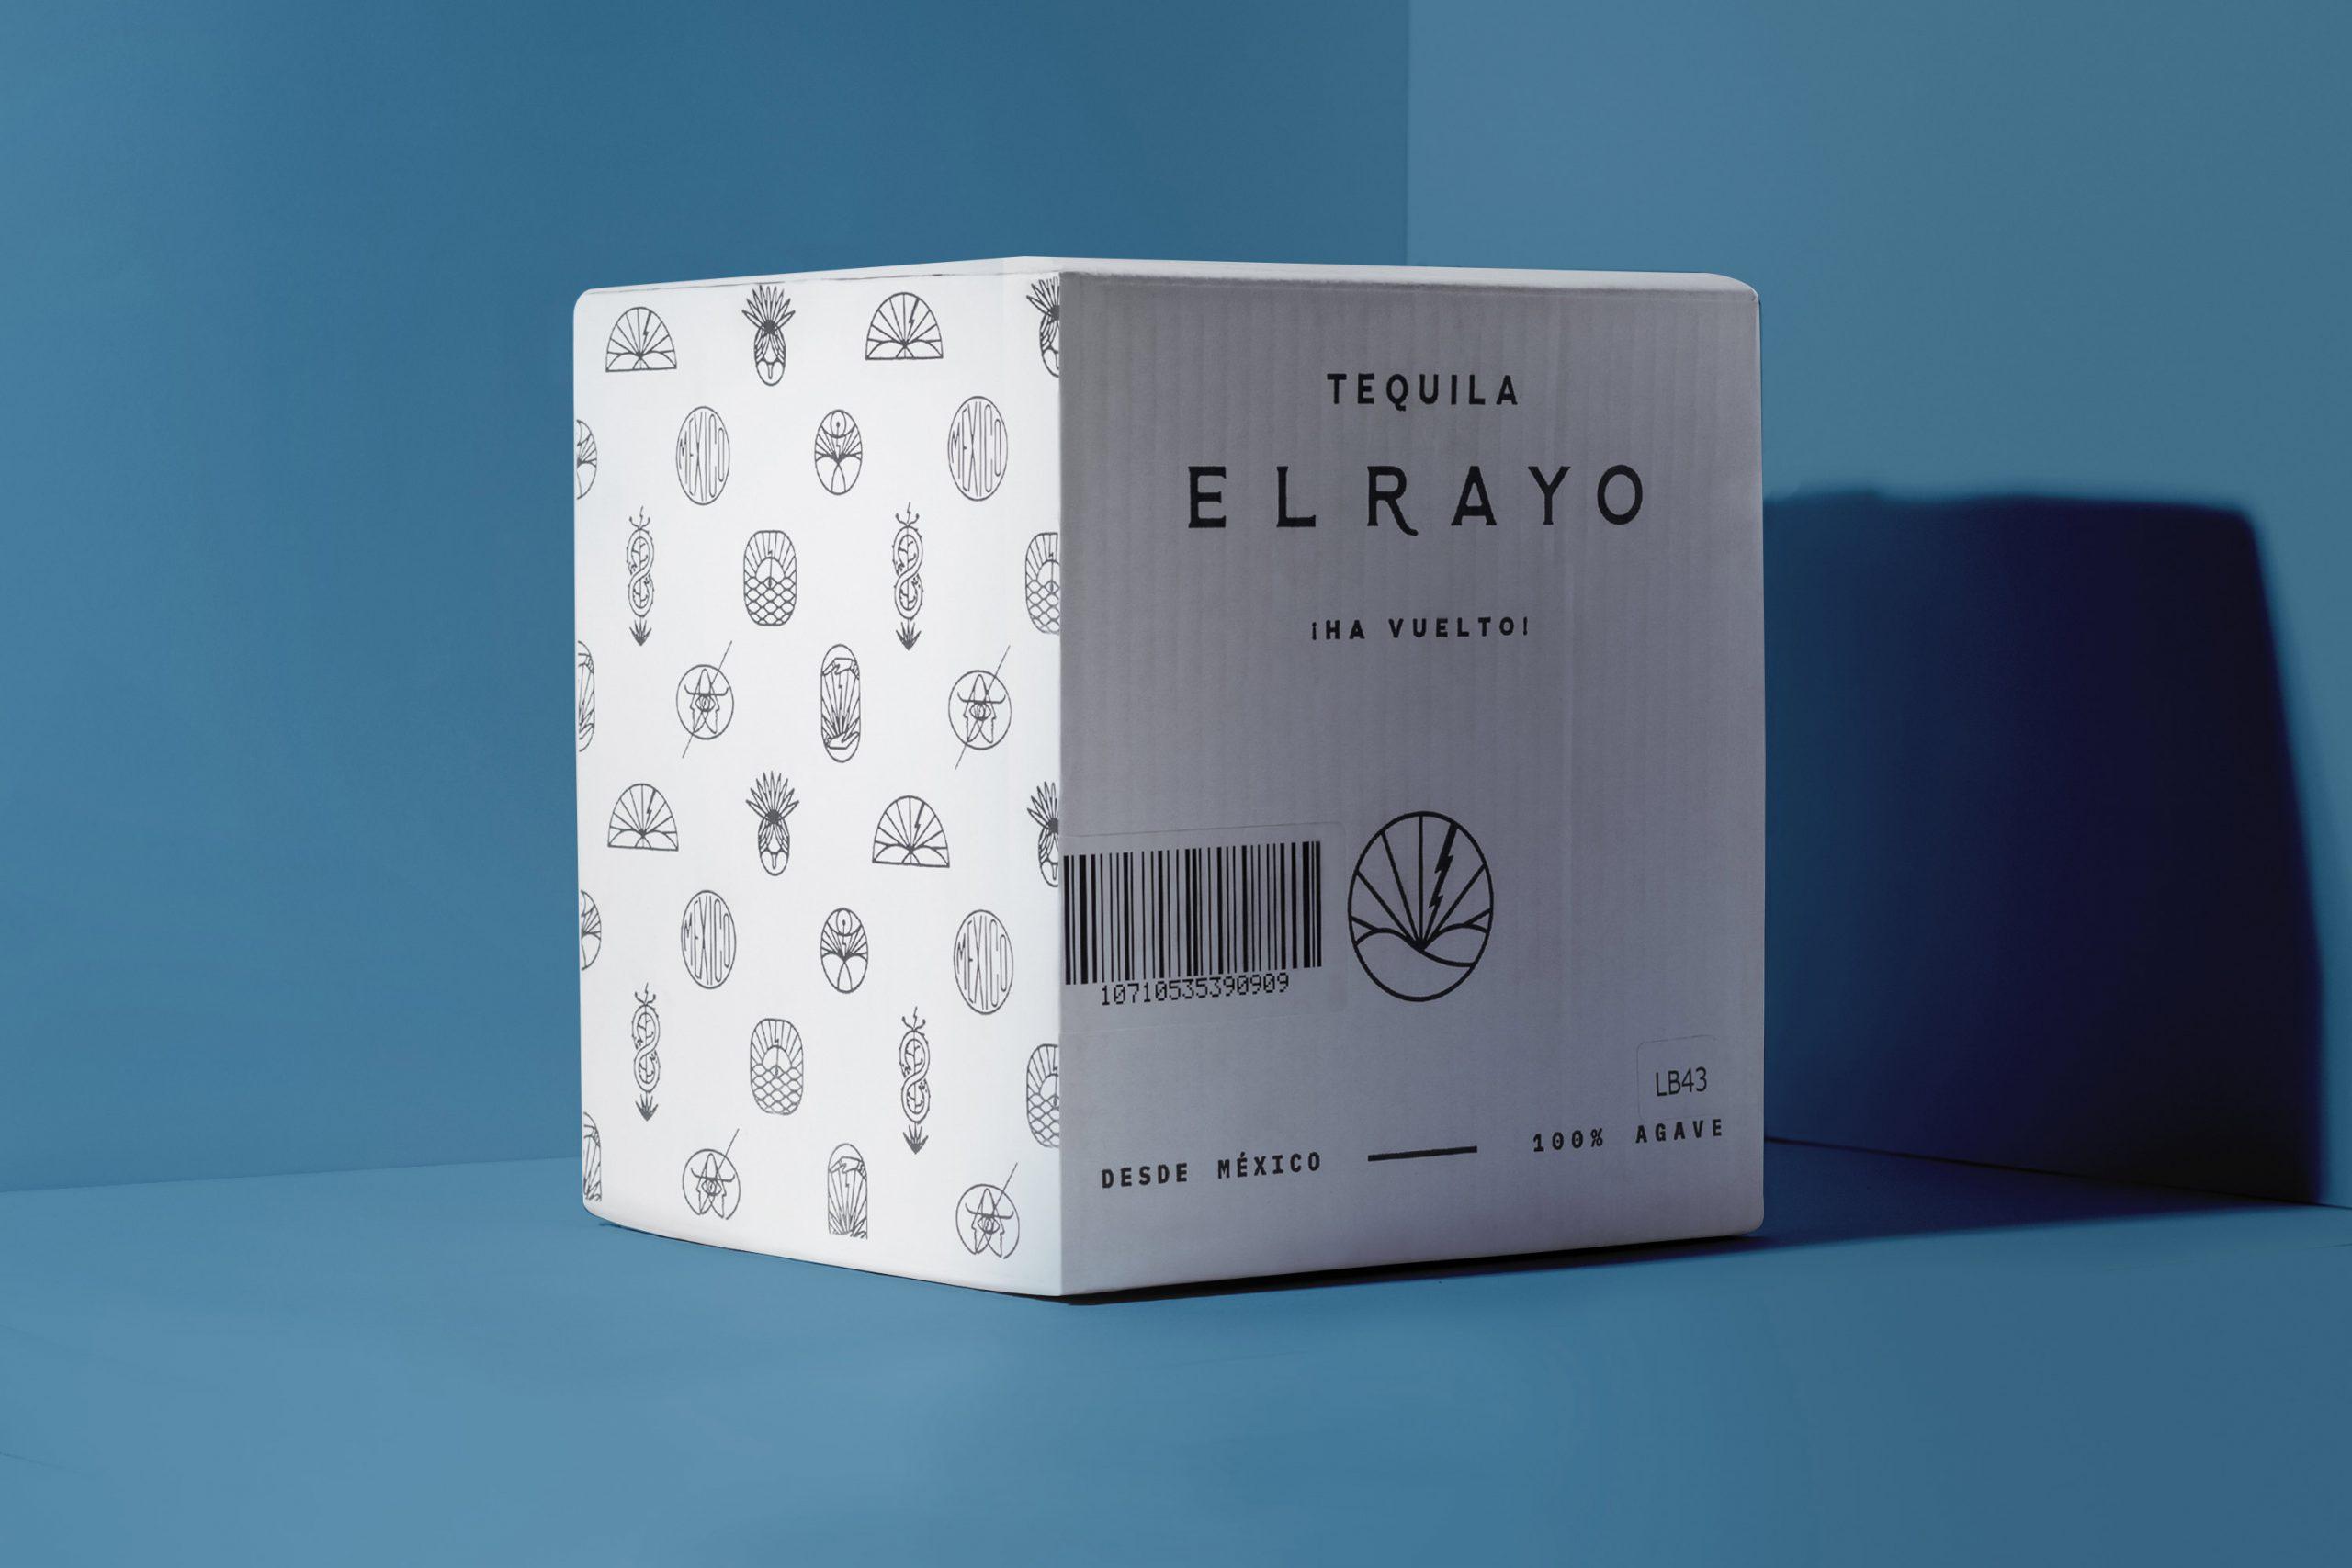 WEB_18A_RAYO-BOX02